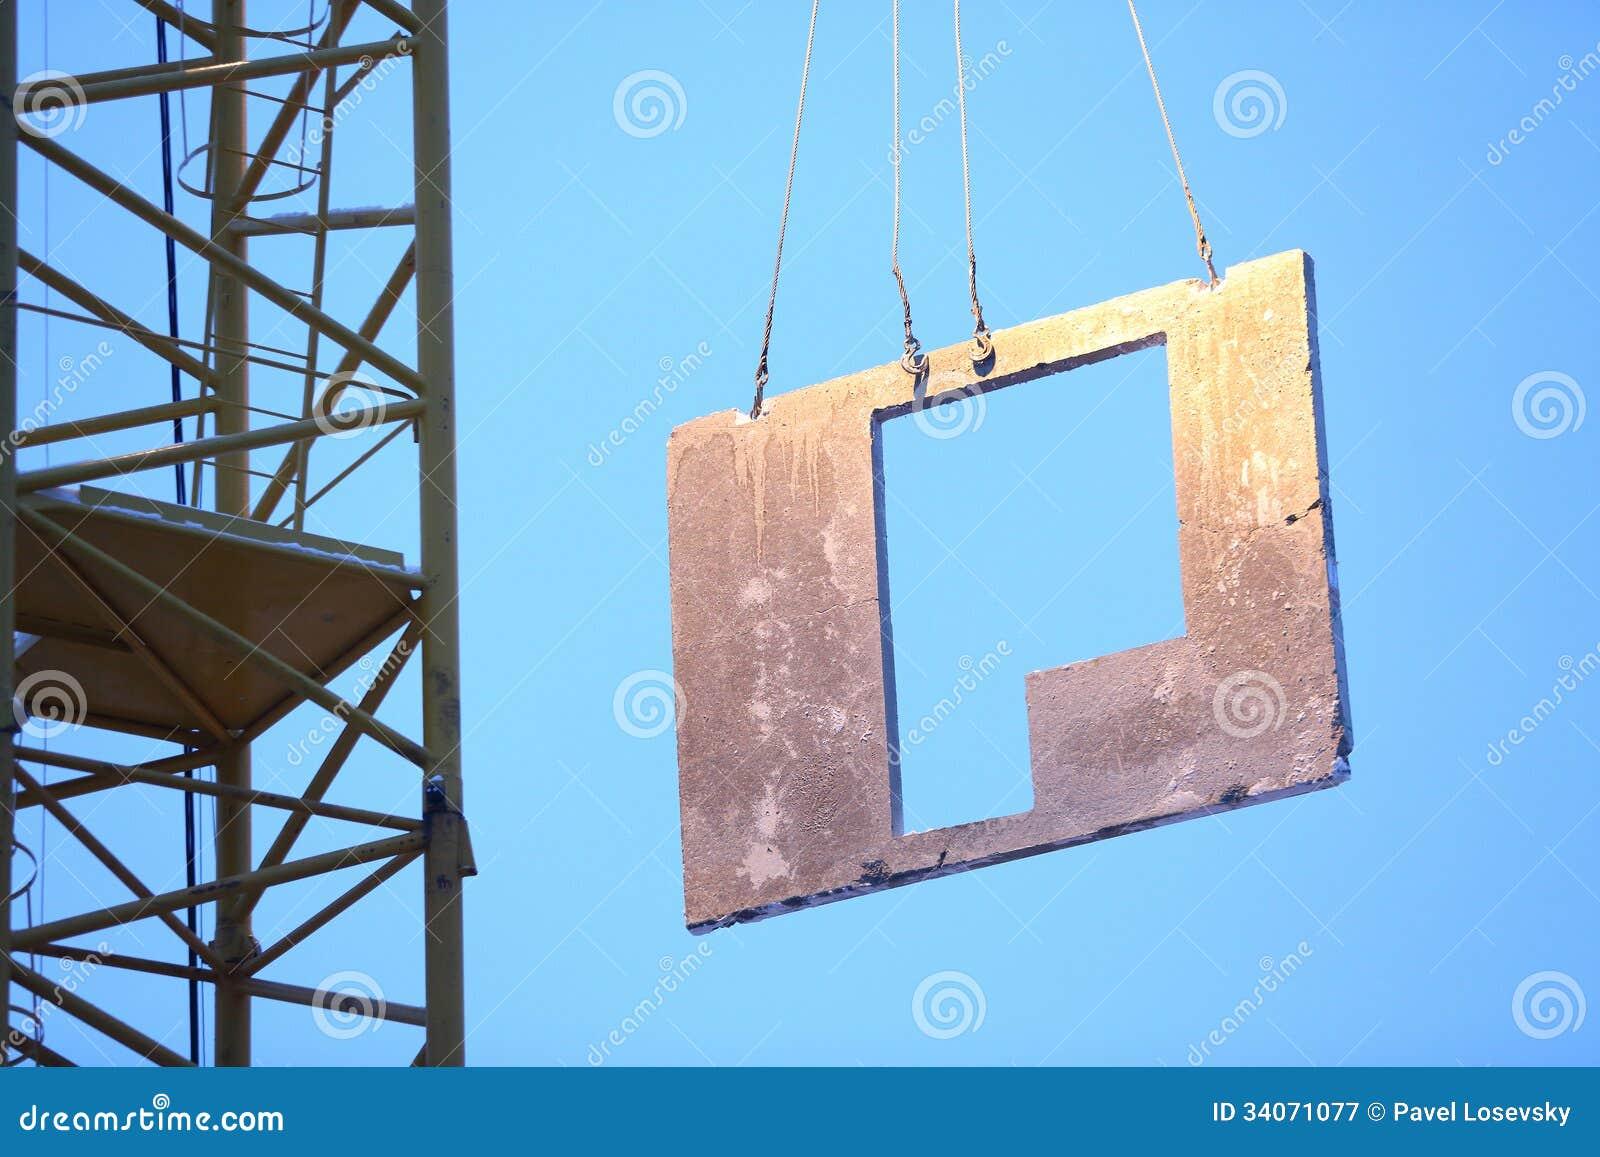 ein kran hebt die platte an um ein haus zu bauen lizenzfreie stockfotografie bild 34071077. Black Bedroom Furniture Sets. Home Design Ideas